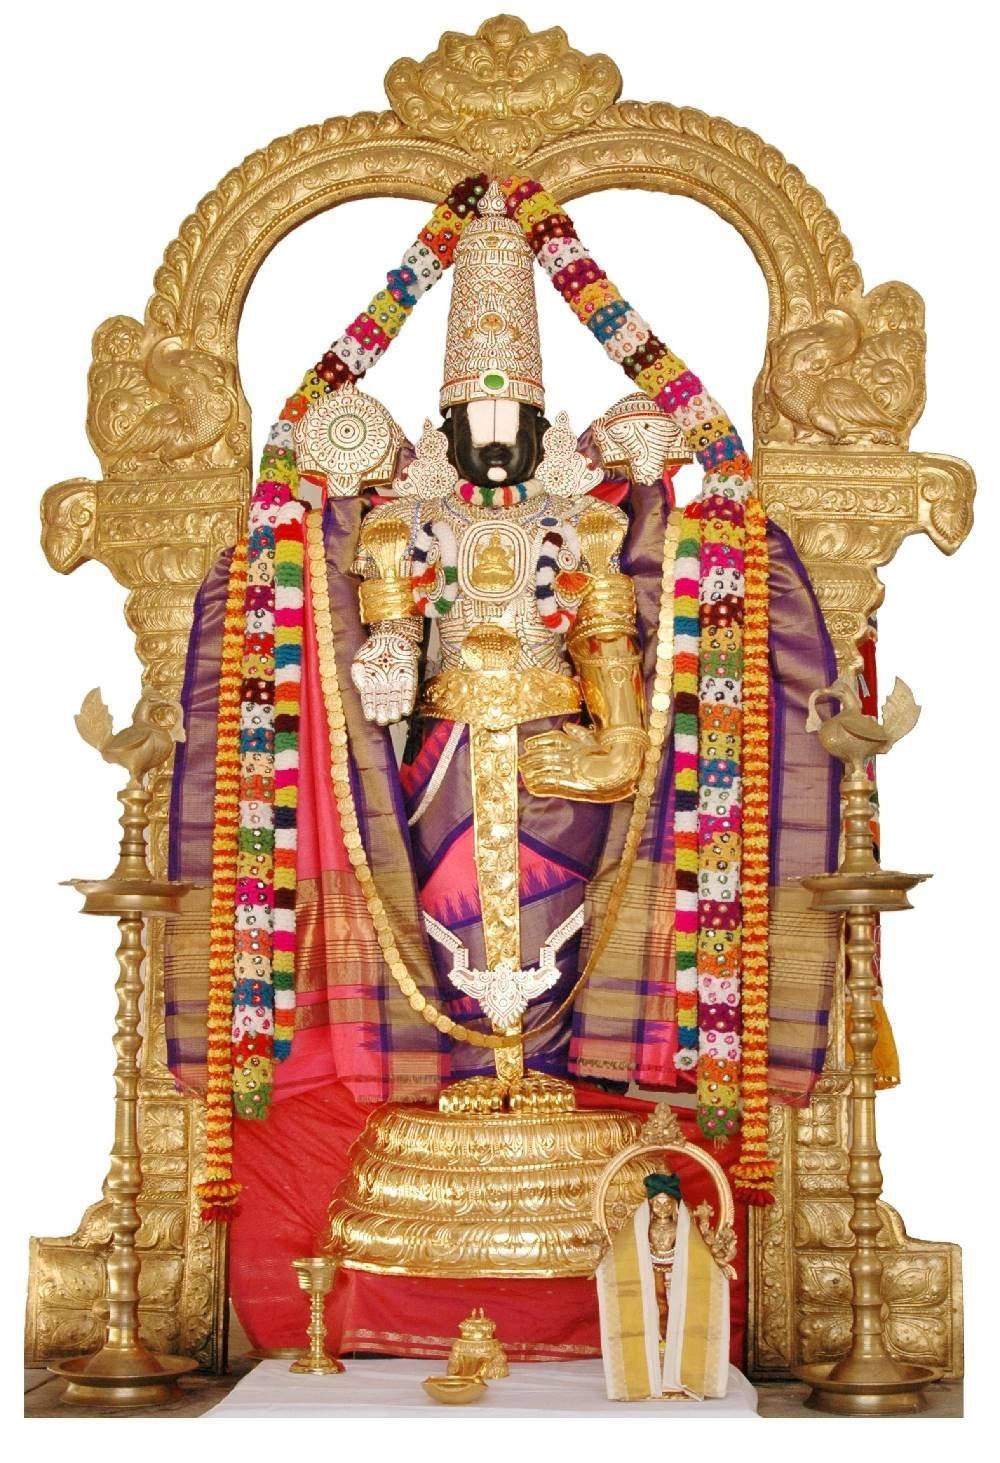 Reddys Sri Venkateswara